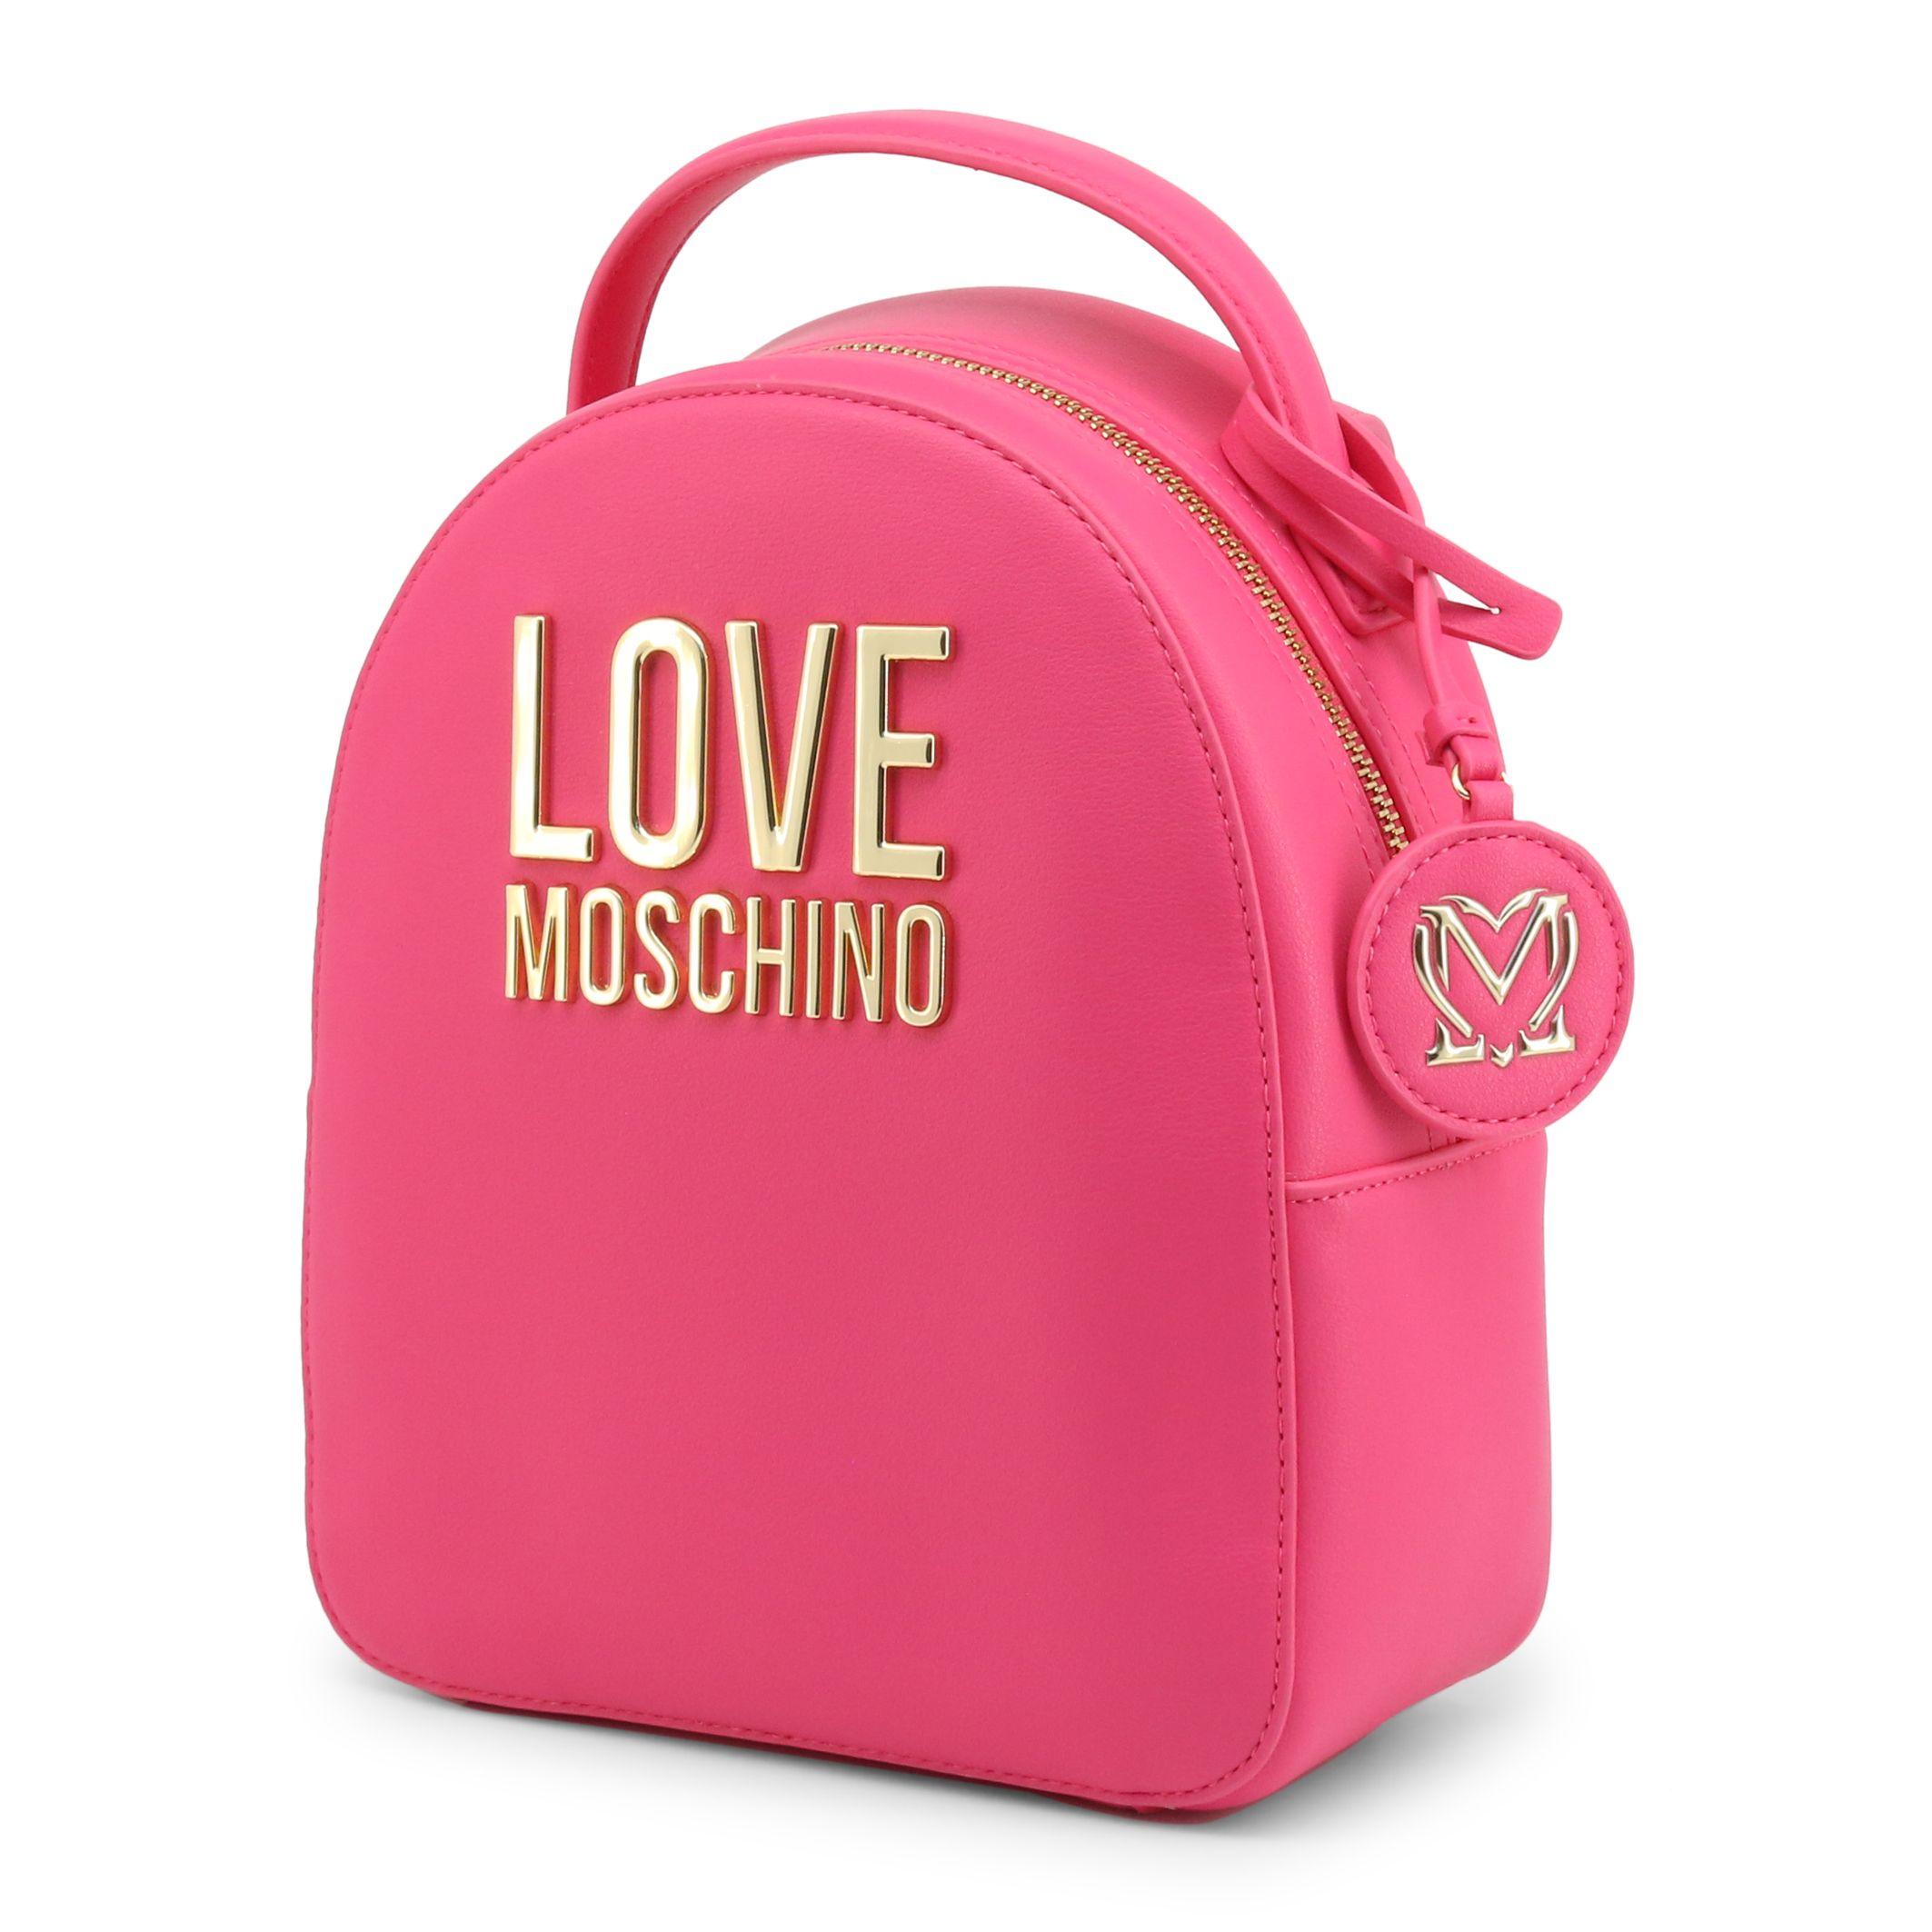 a5edb3e0 8b2d 11eb abbe 756064413543 Love Moschino - JC4101PP1CLJ0 - Pink